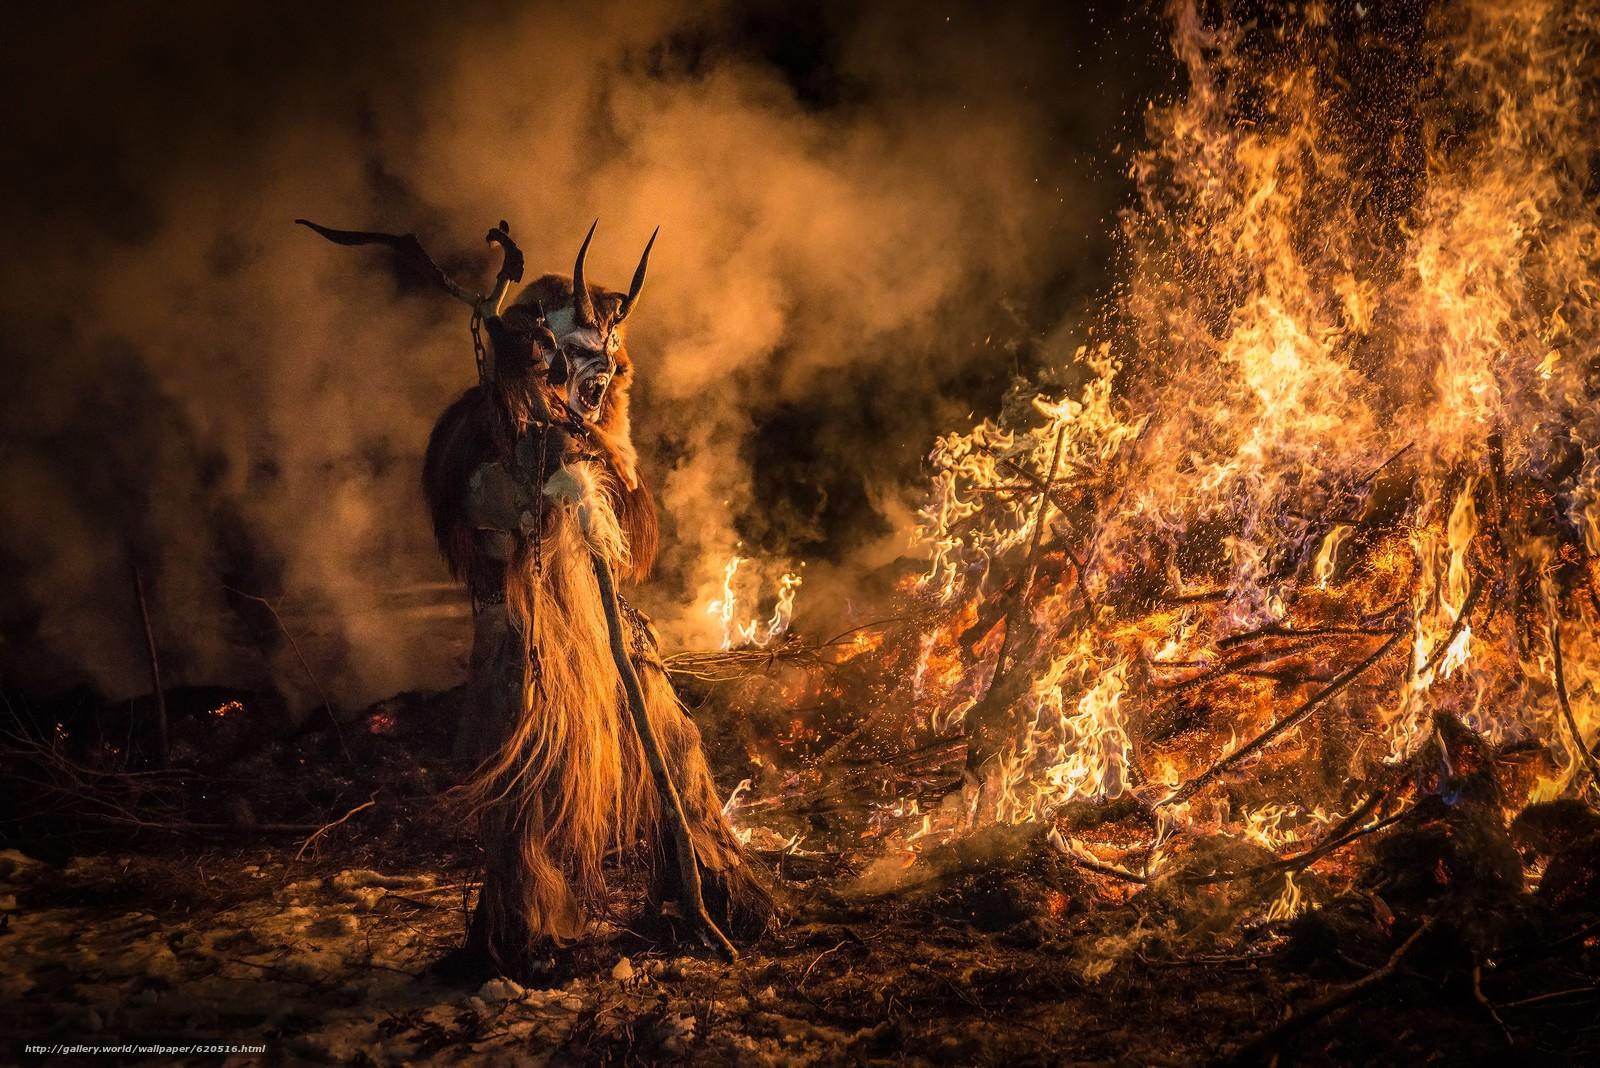 Италия, Праздник Сан Николо и Крампусы, Крампус Тарвизио, Krampus, Tarvisio, демон, кастёр, огонь